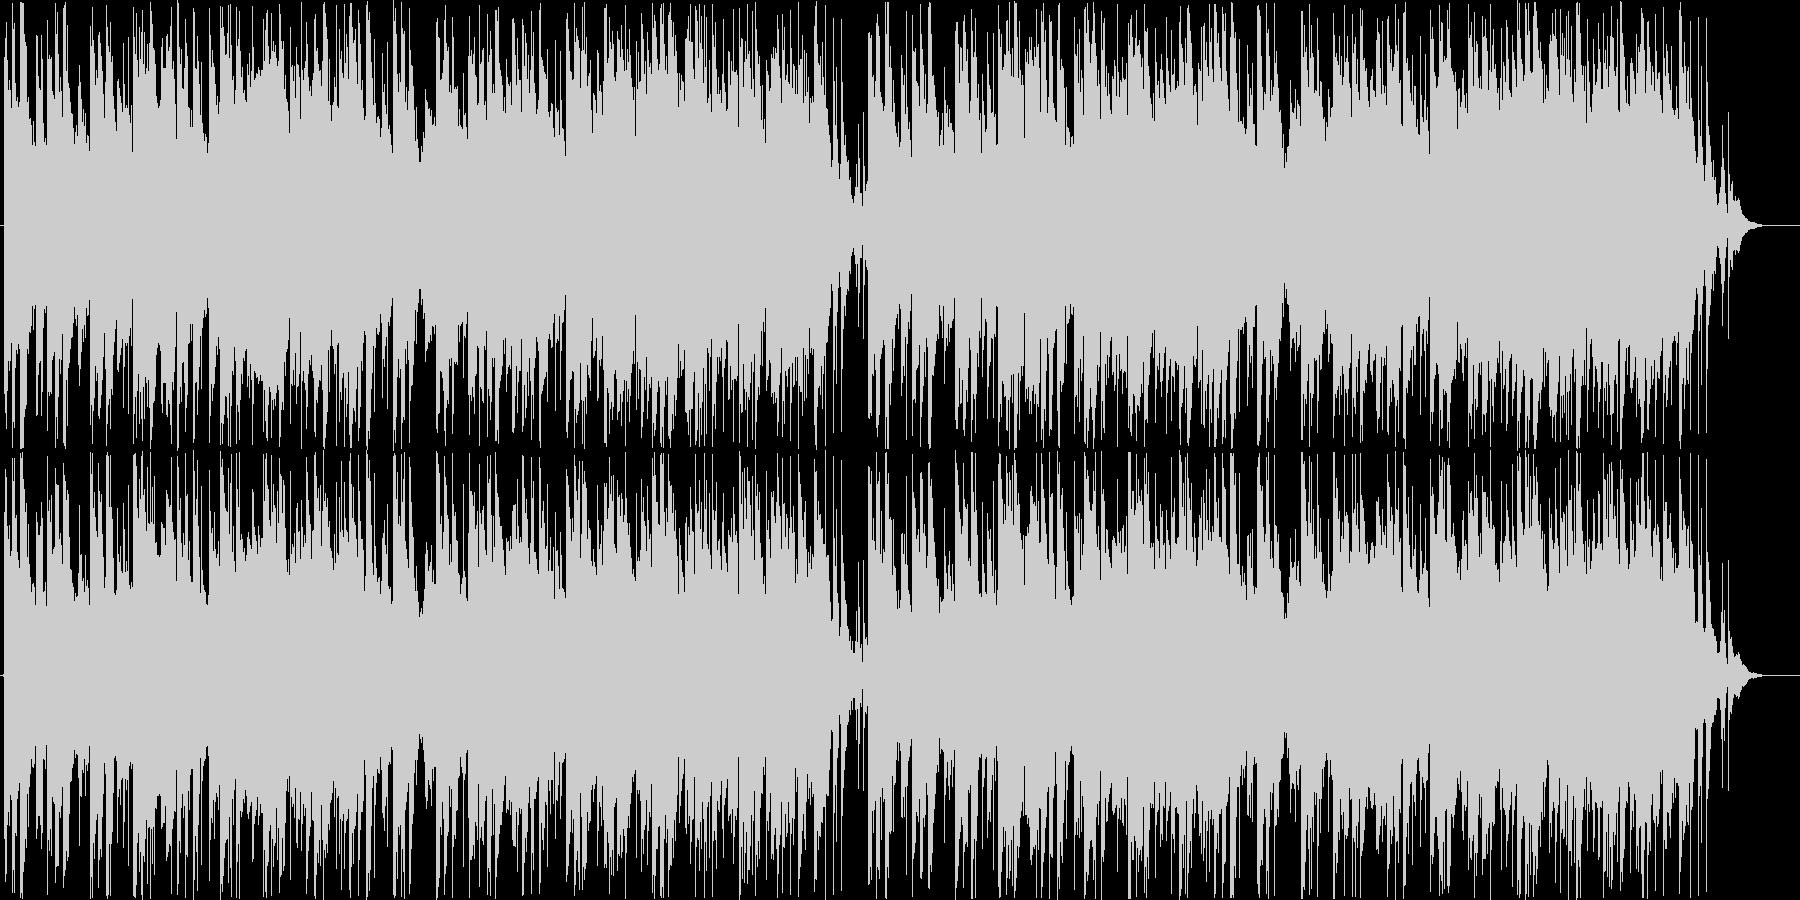 琴メインの哀しいの雰囲気の曲ですの未再生の波形